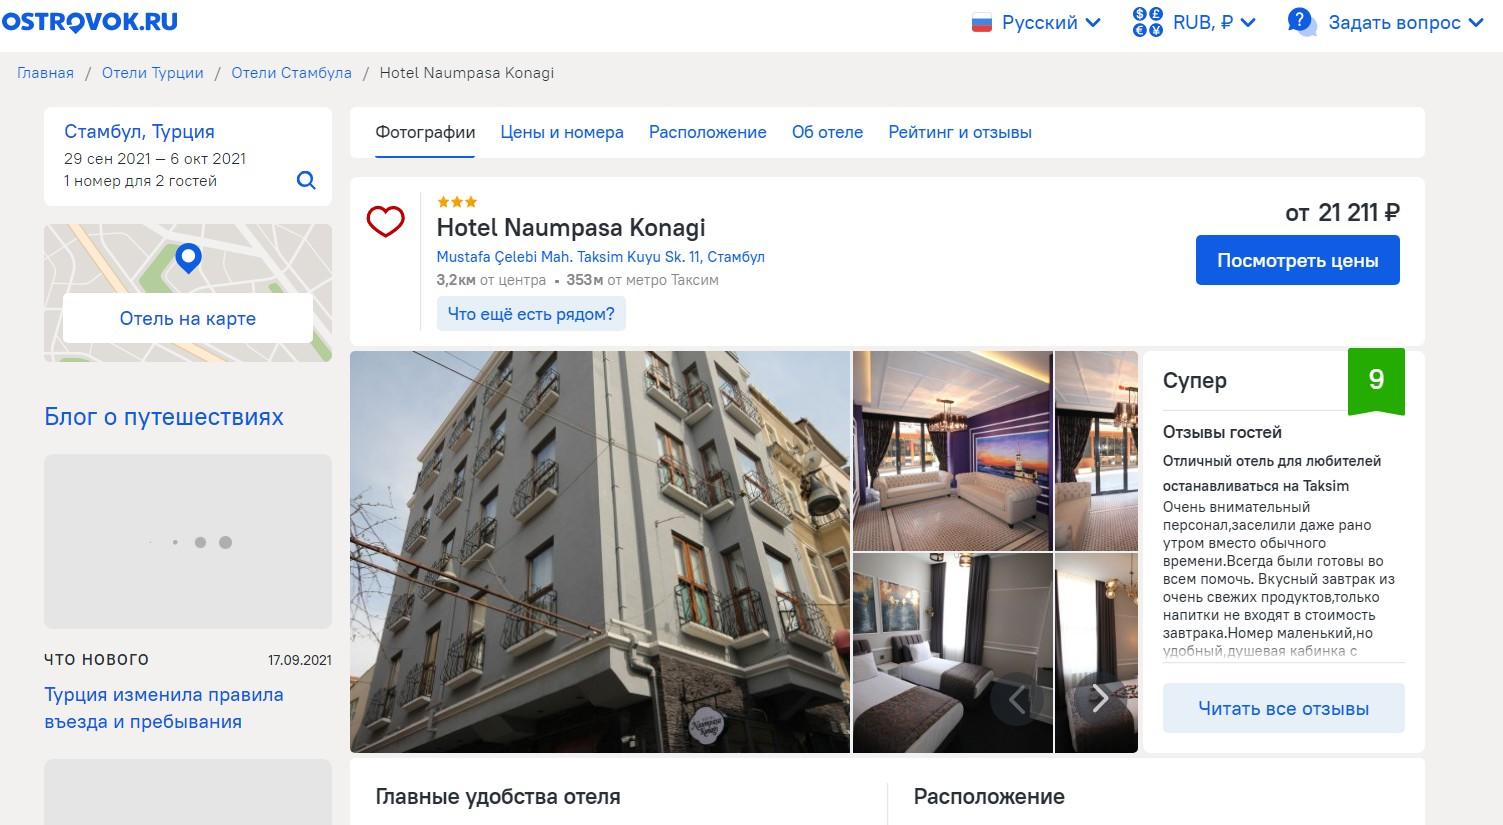 Выбранный отель на сайте туроператора